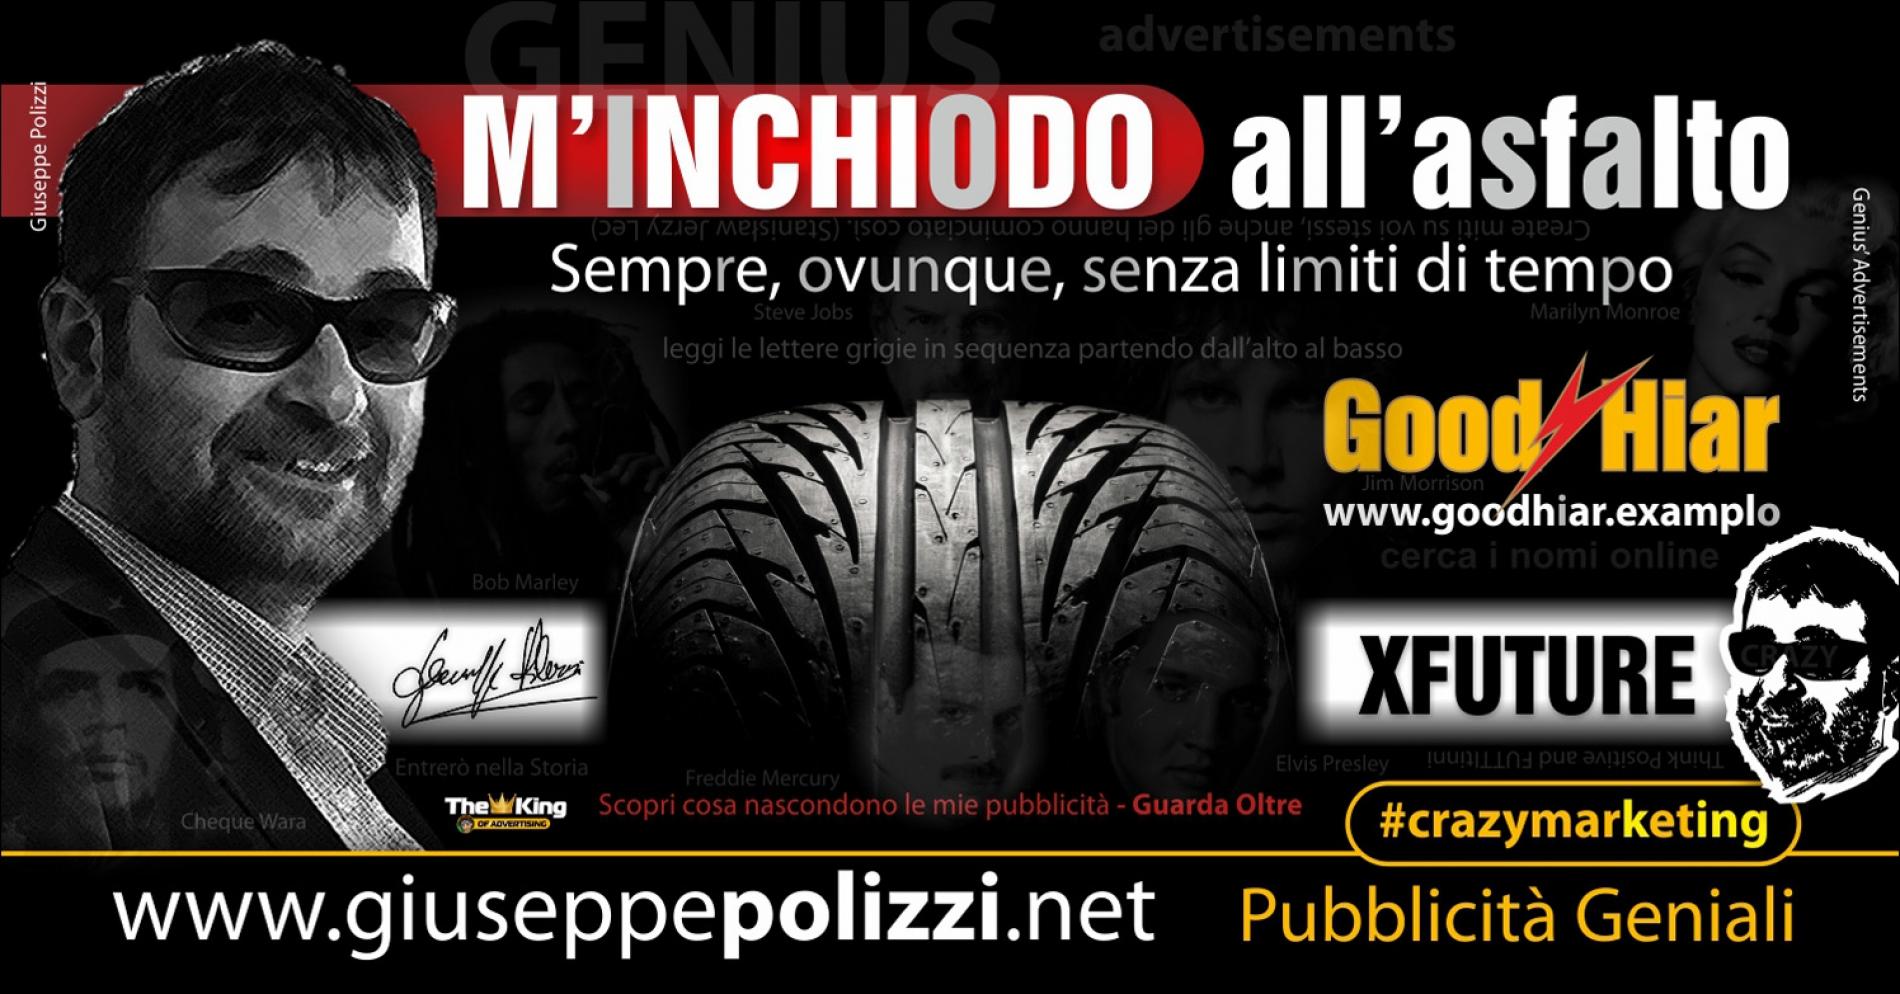 giuseppe Polizzi M'inchiodo all'asfalto crazymarketing pubblicita geniali